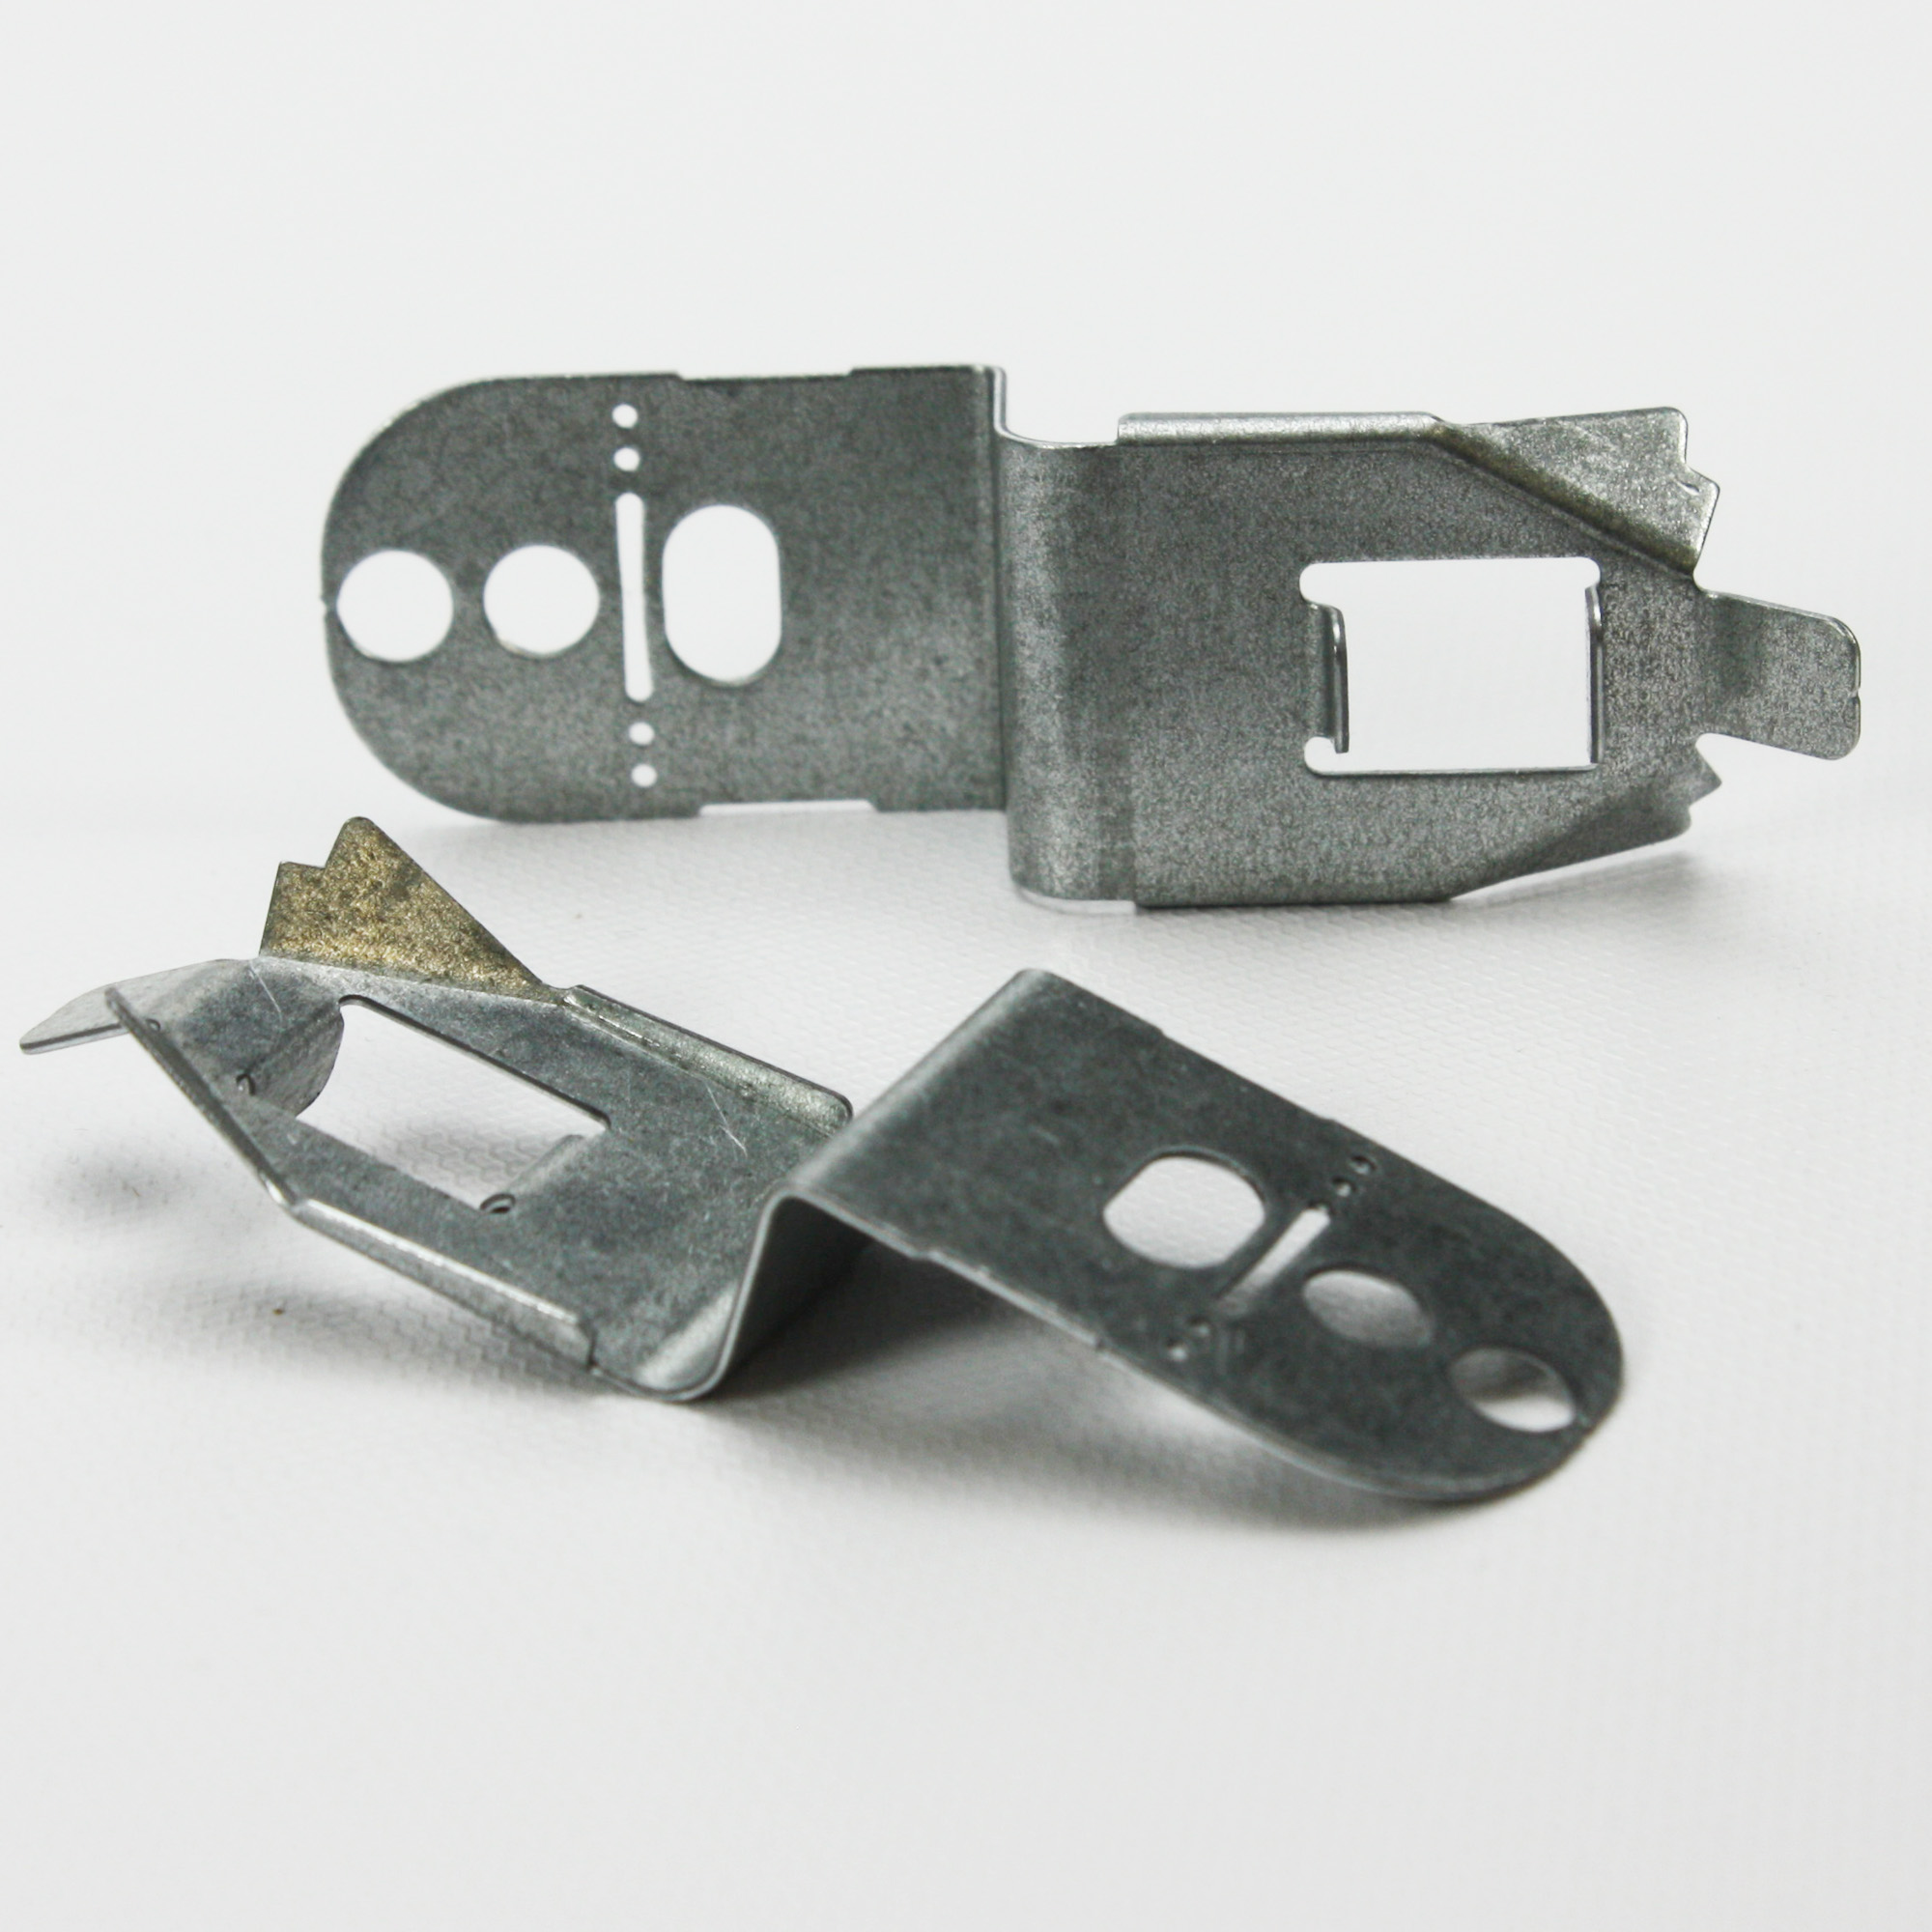 Genuine Oem 00628371 Bosch Dishwasher Mounting Brackets Ebay